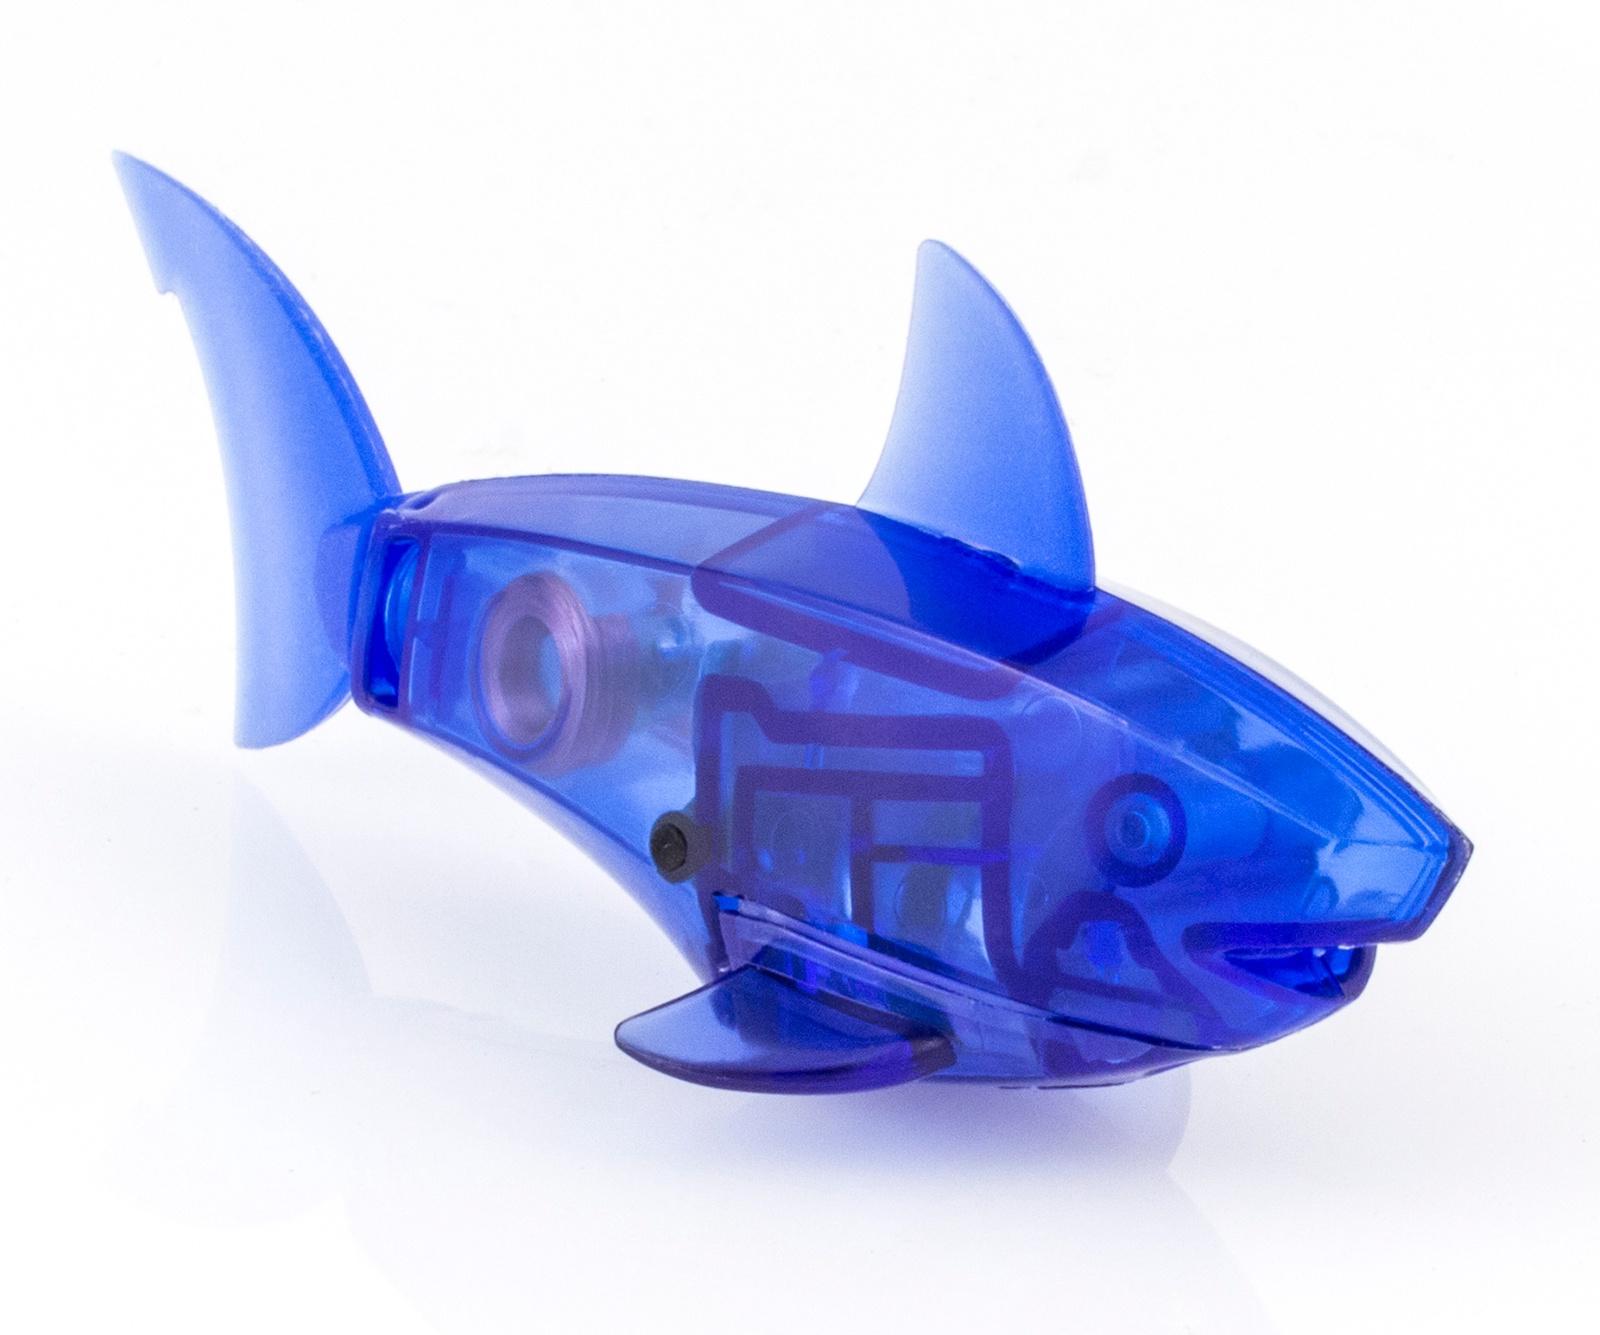 Игрушка для ванной Hexbug Рыбка 460-3028 синий